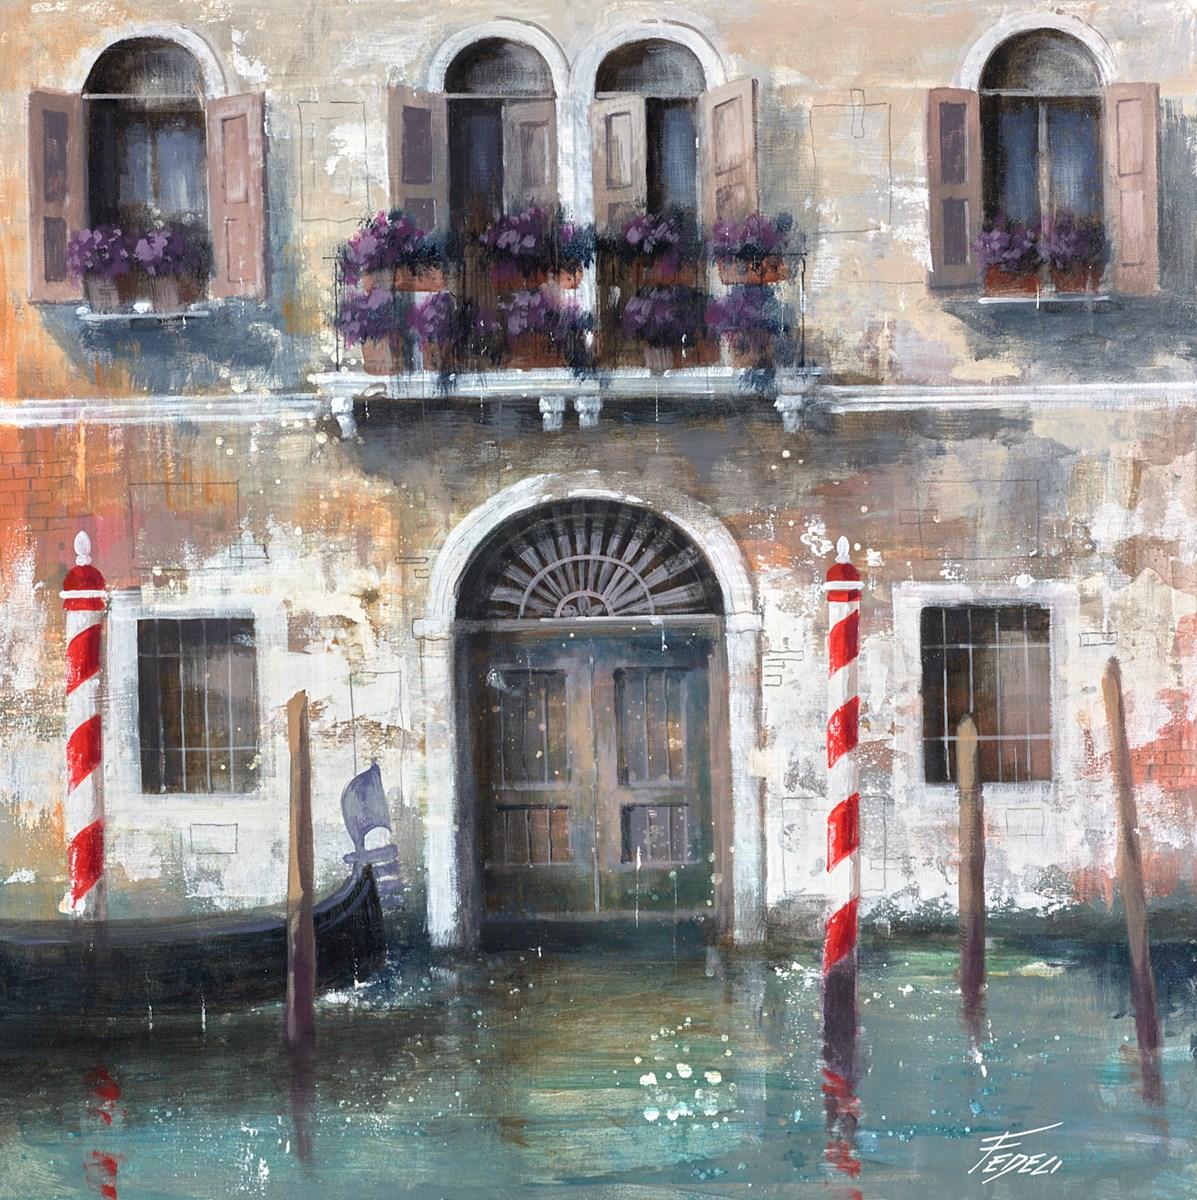 Titolo: Vecchia Facciata Veneziana